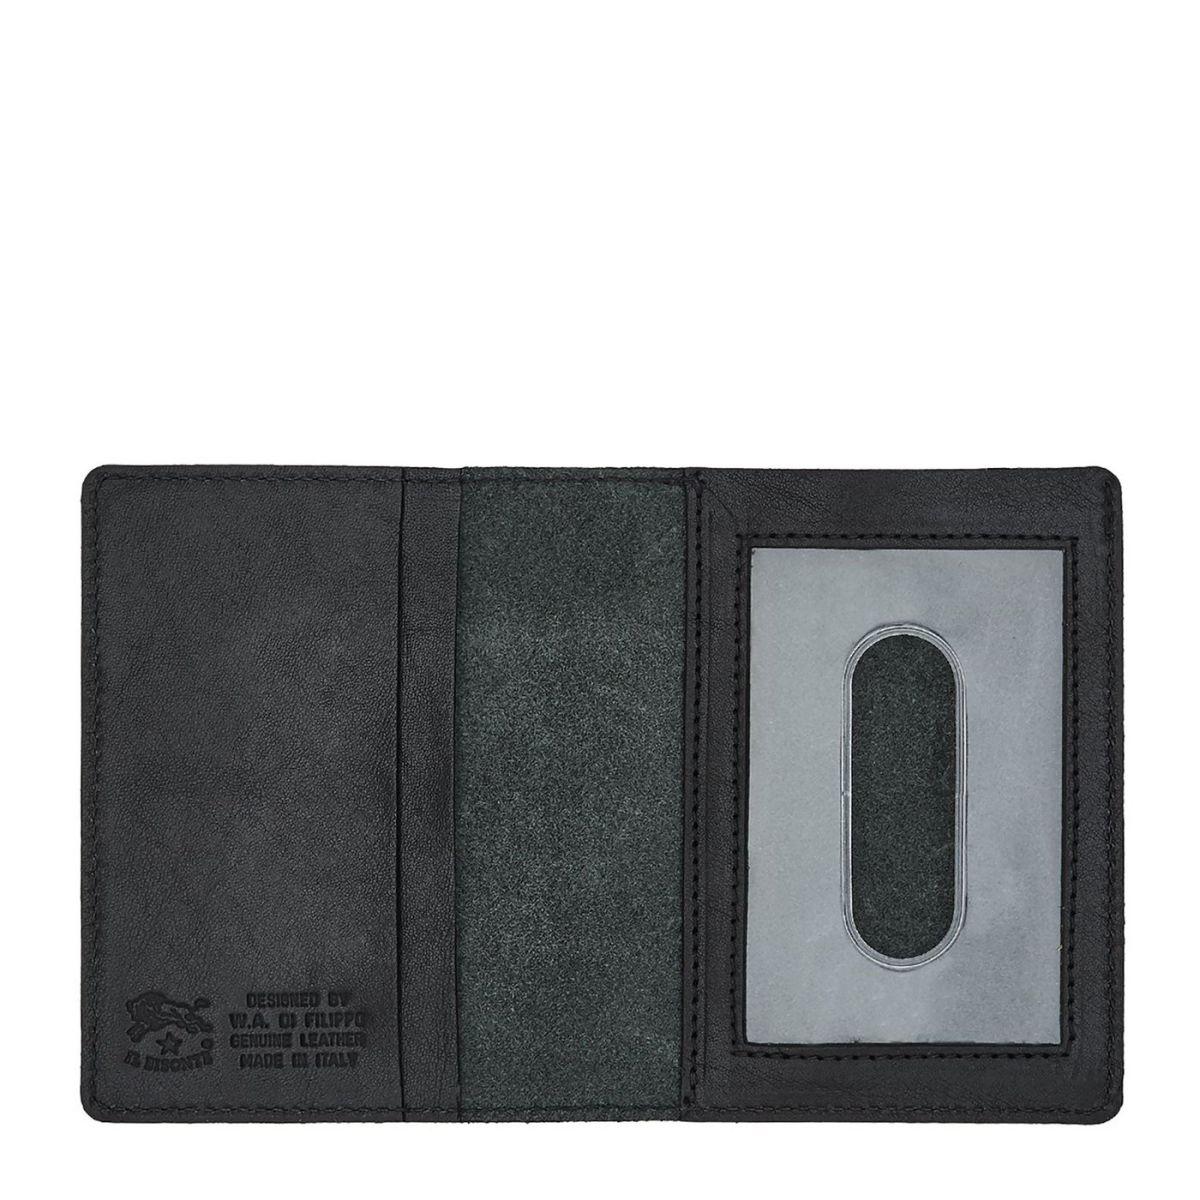 Porte-Cartes  en Cuir De Vachette Doublé SCC003 couleur Noir | Details